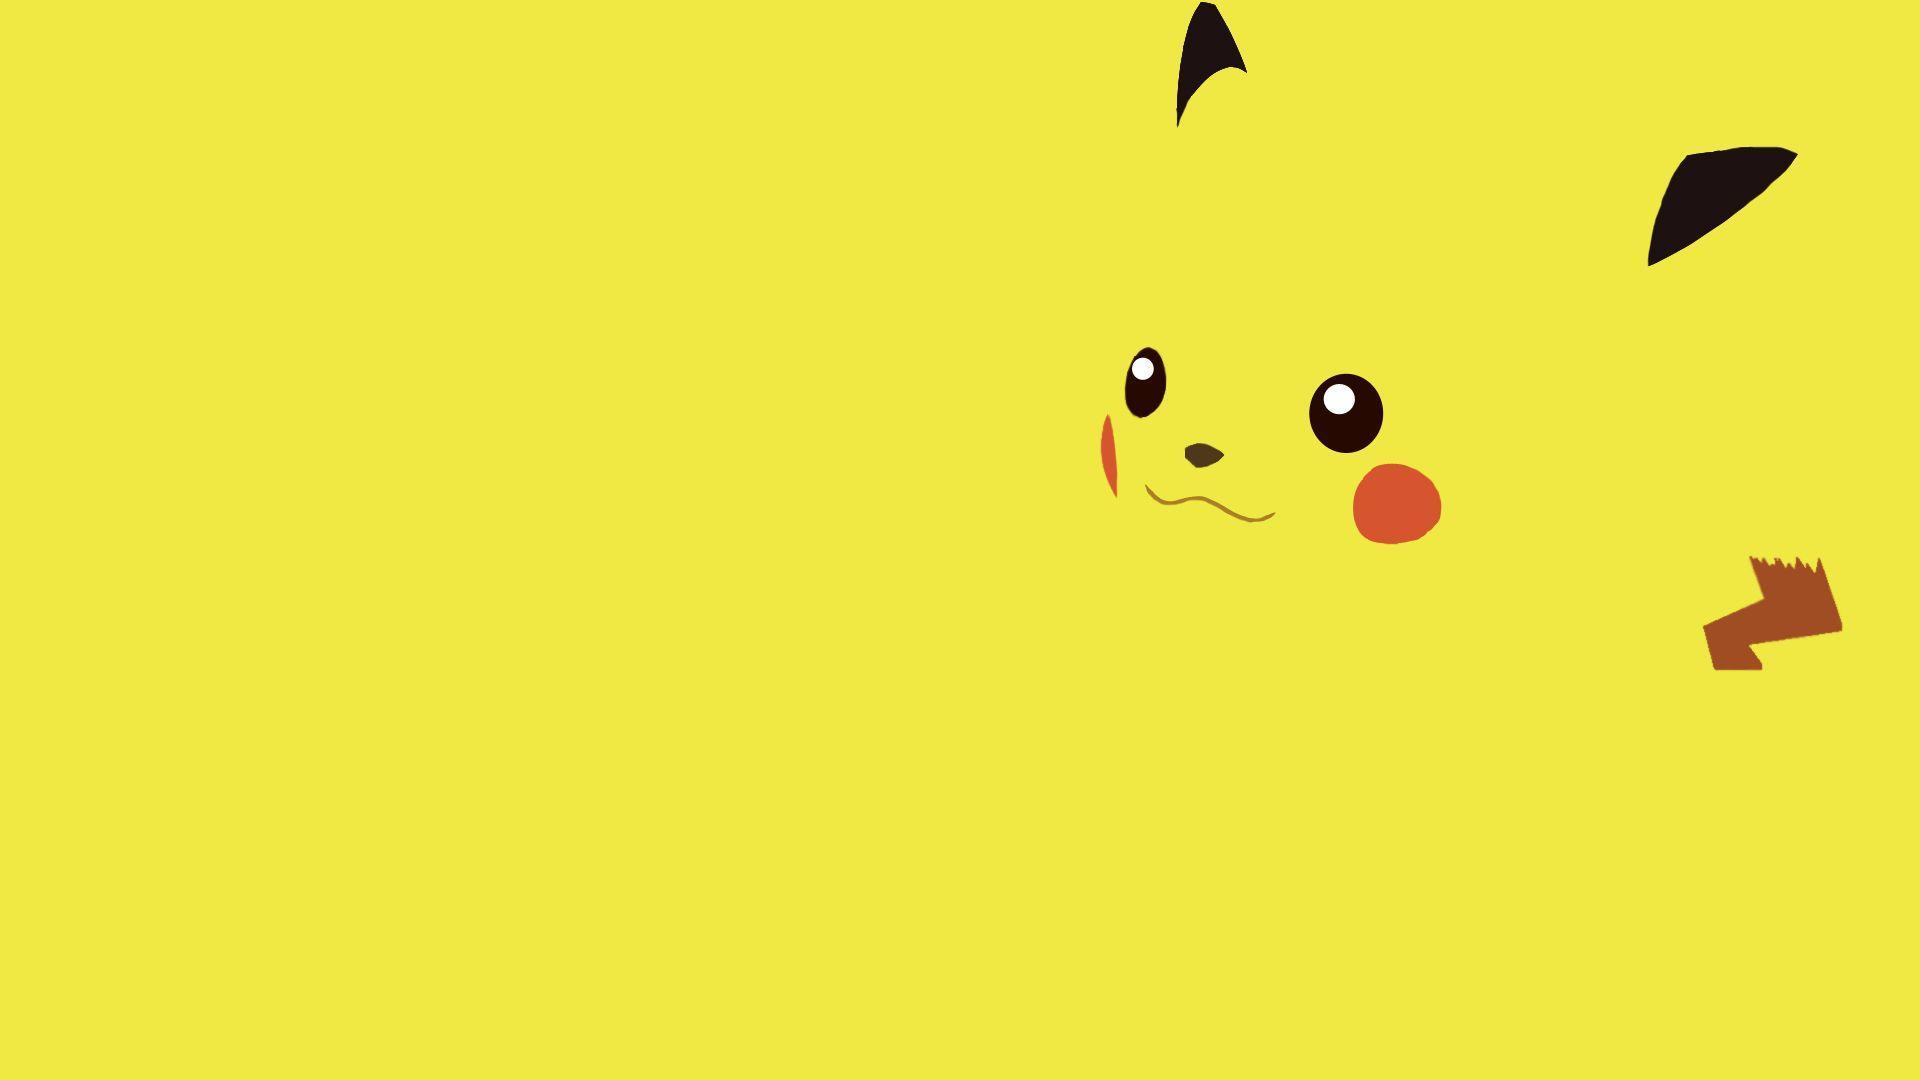 Pokemon Pikachu Wallpapers 1920x1080